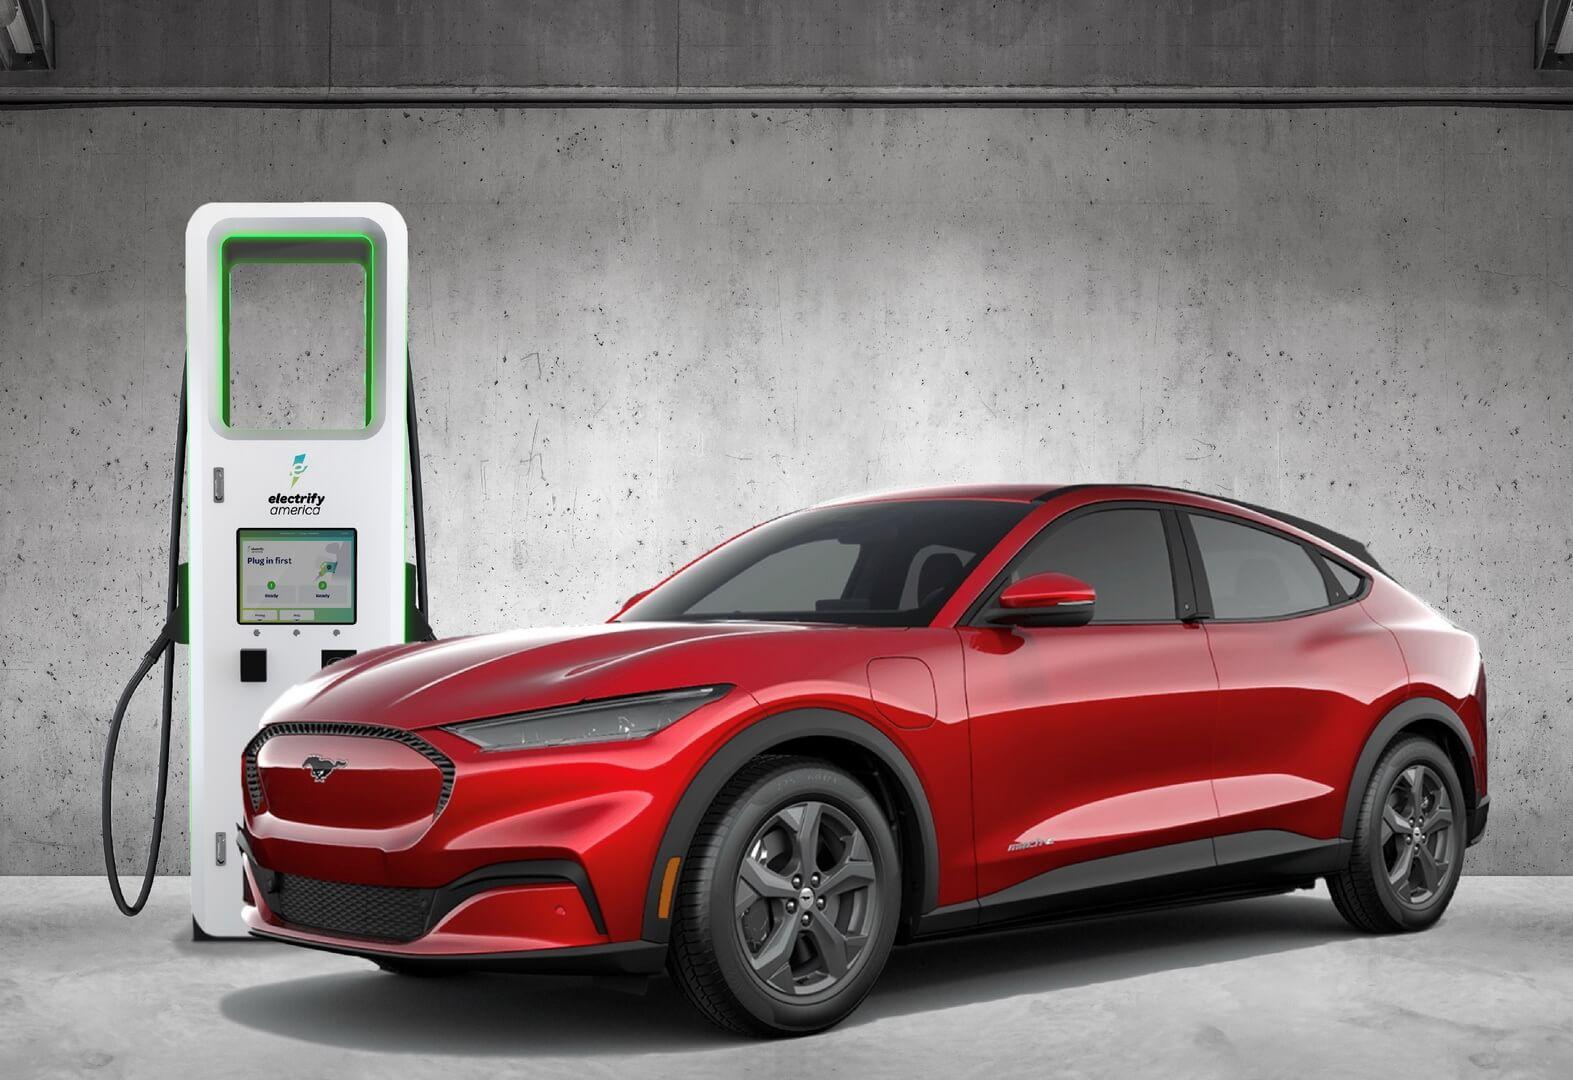 Ford задерживает поставки Mustang Mach-Eна6недель из-за нехватки чипов идает бесплатную зарядку 250 кВт·ч